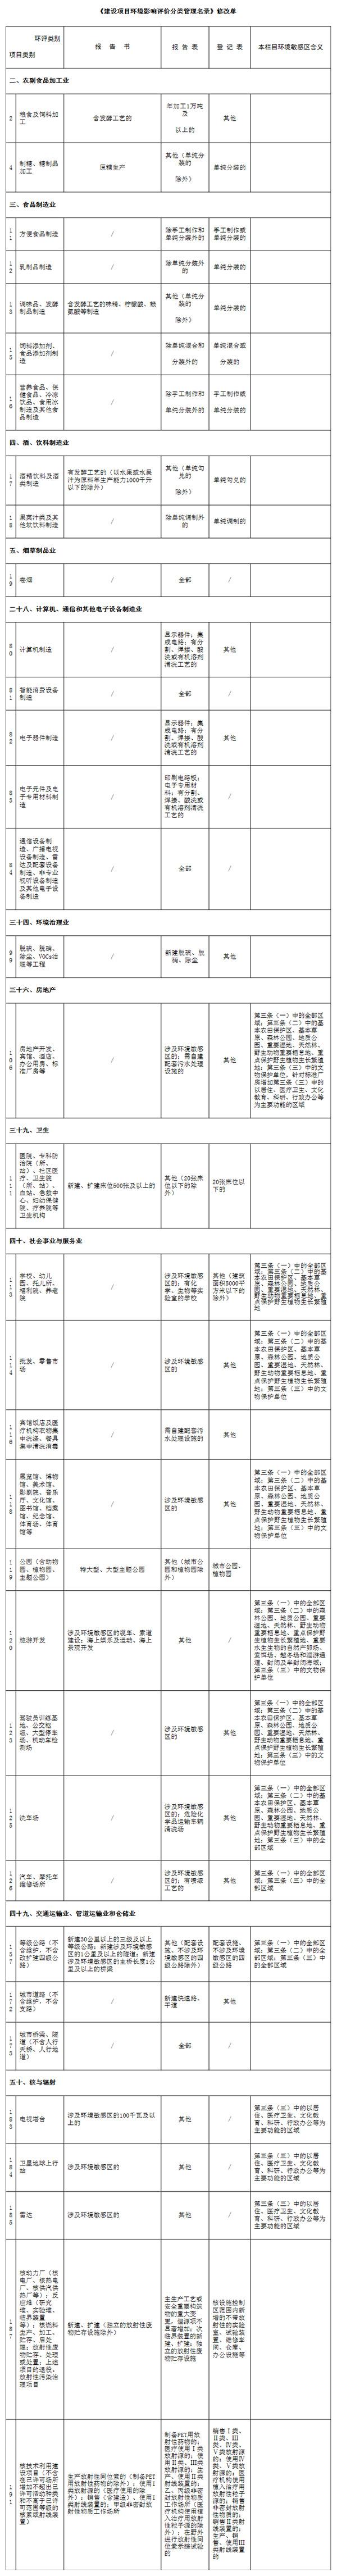 生态环境部1号部令:修改建设项目环评类别等内容安利论坛